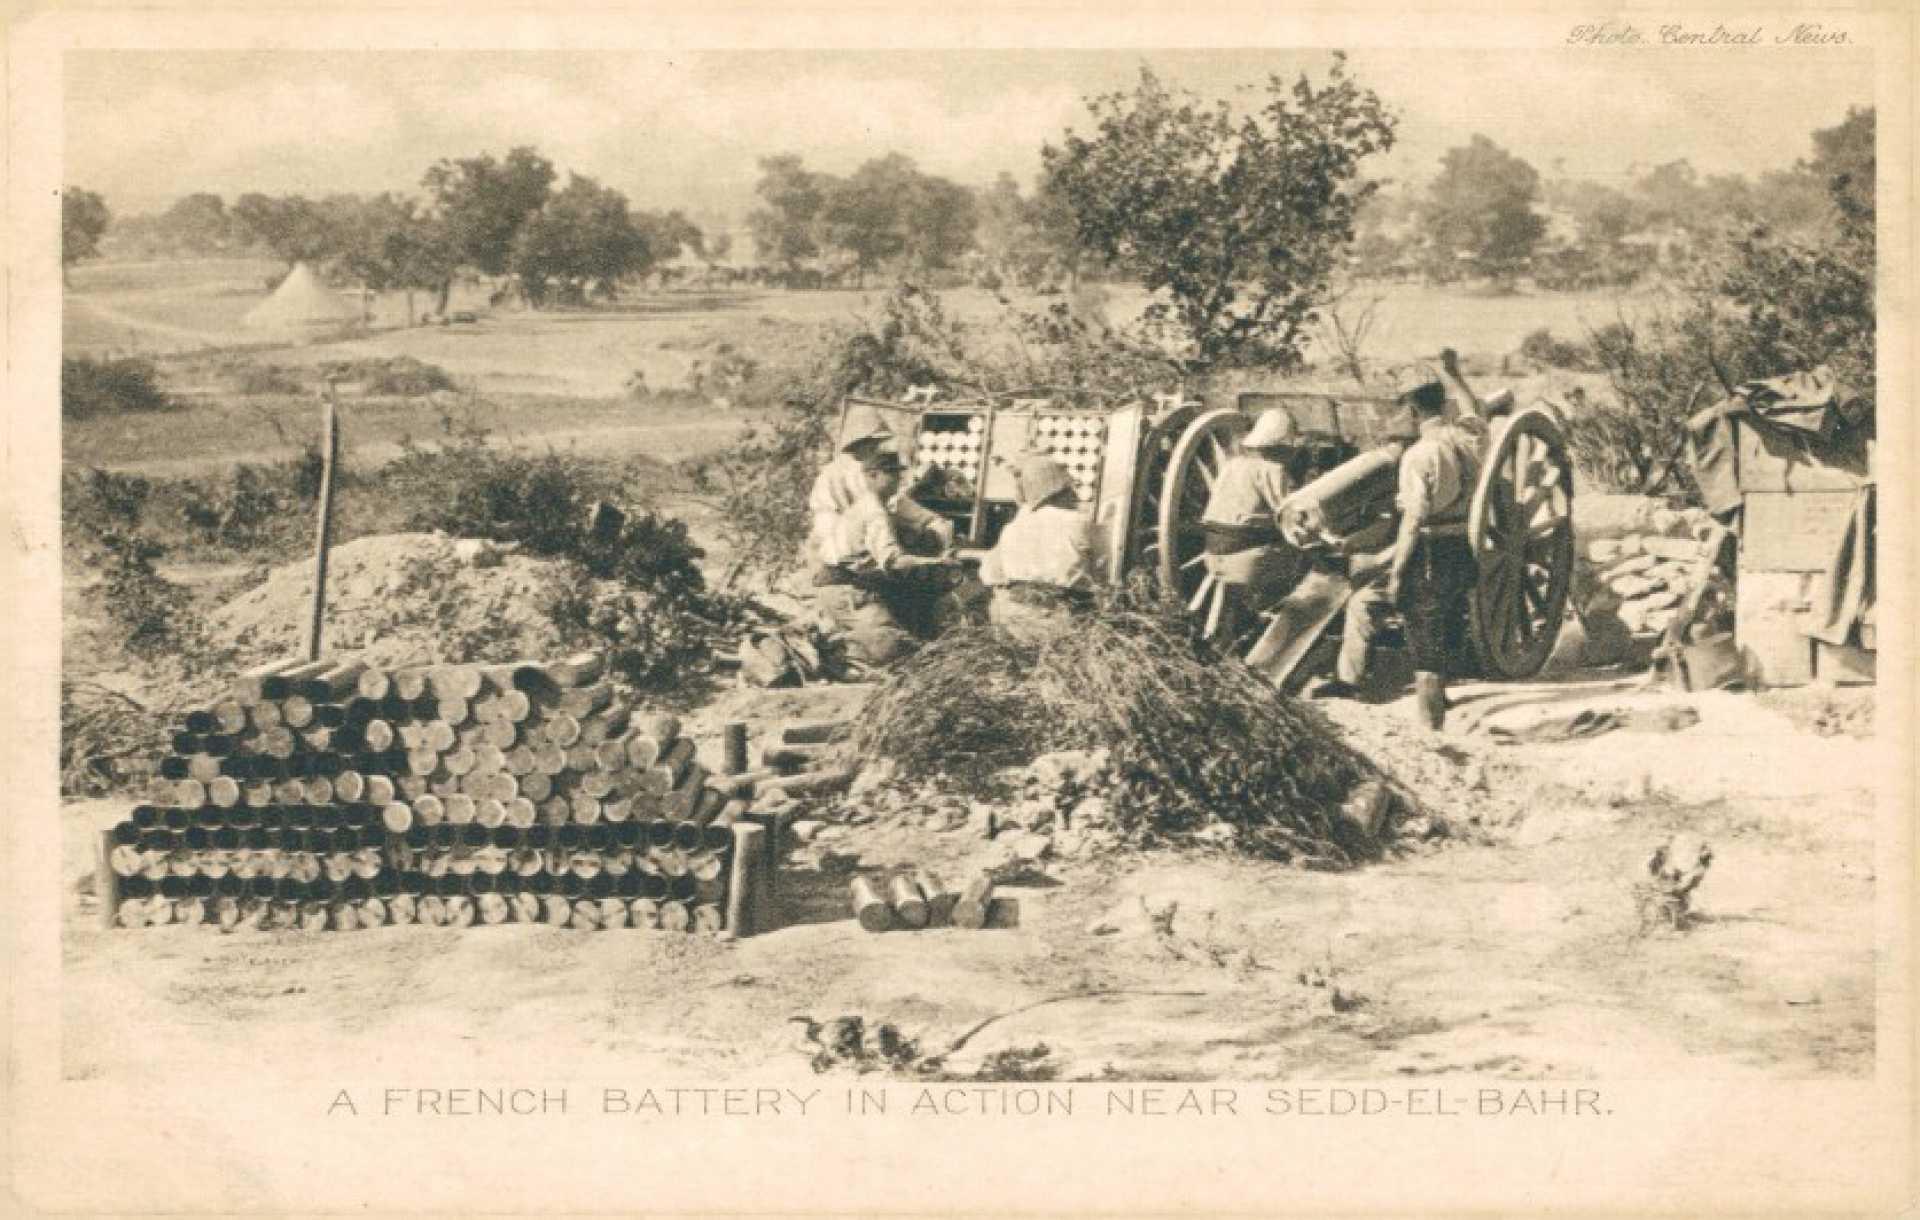 A french battery in action near Sedd-el-Bahr